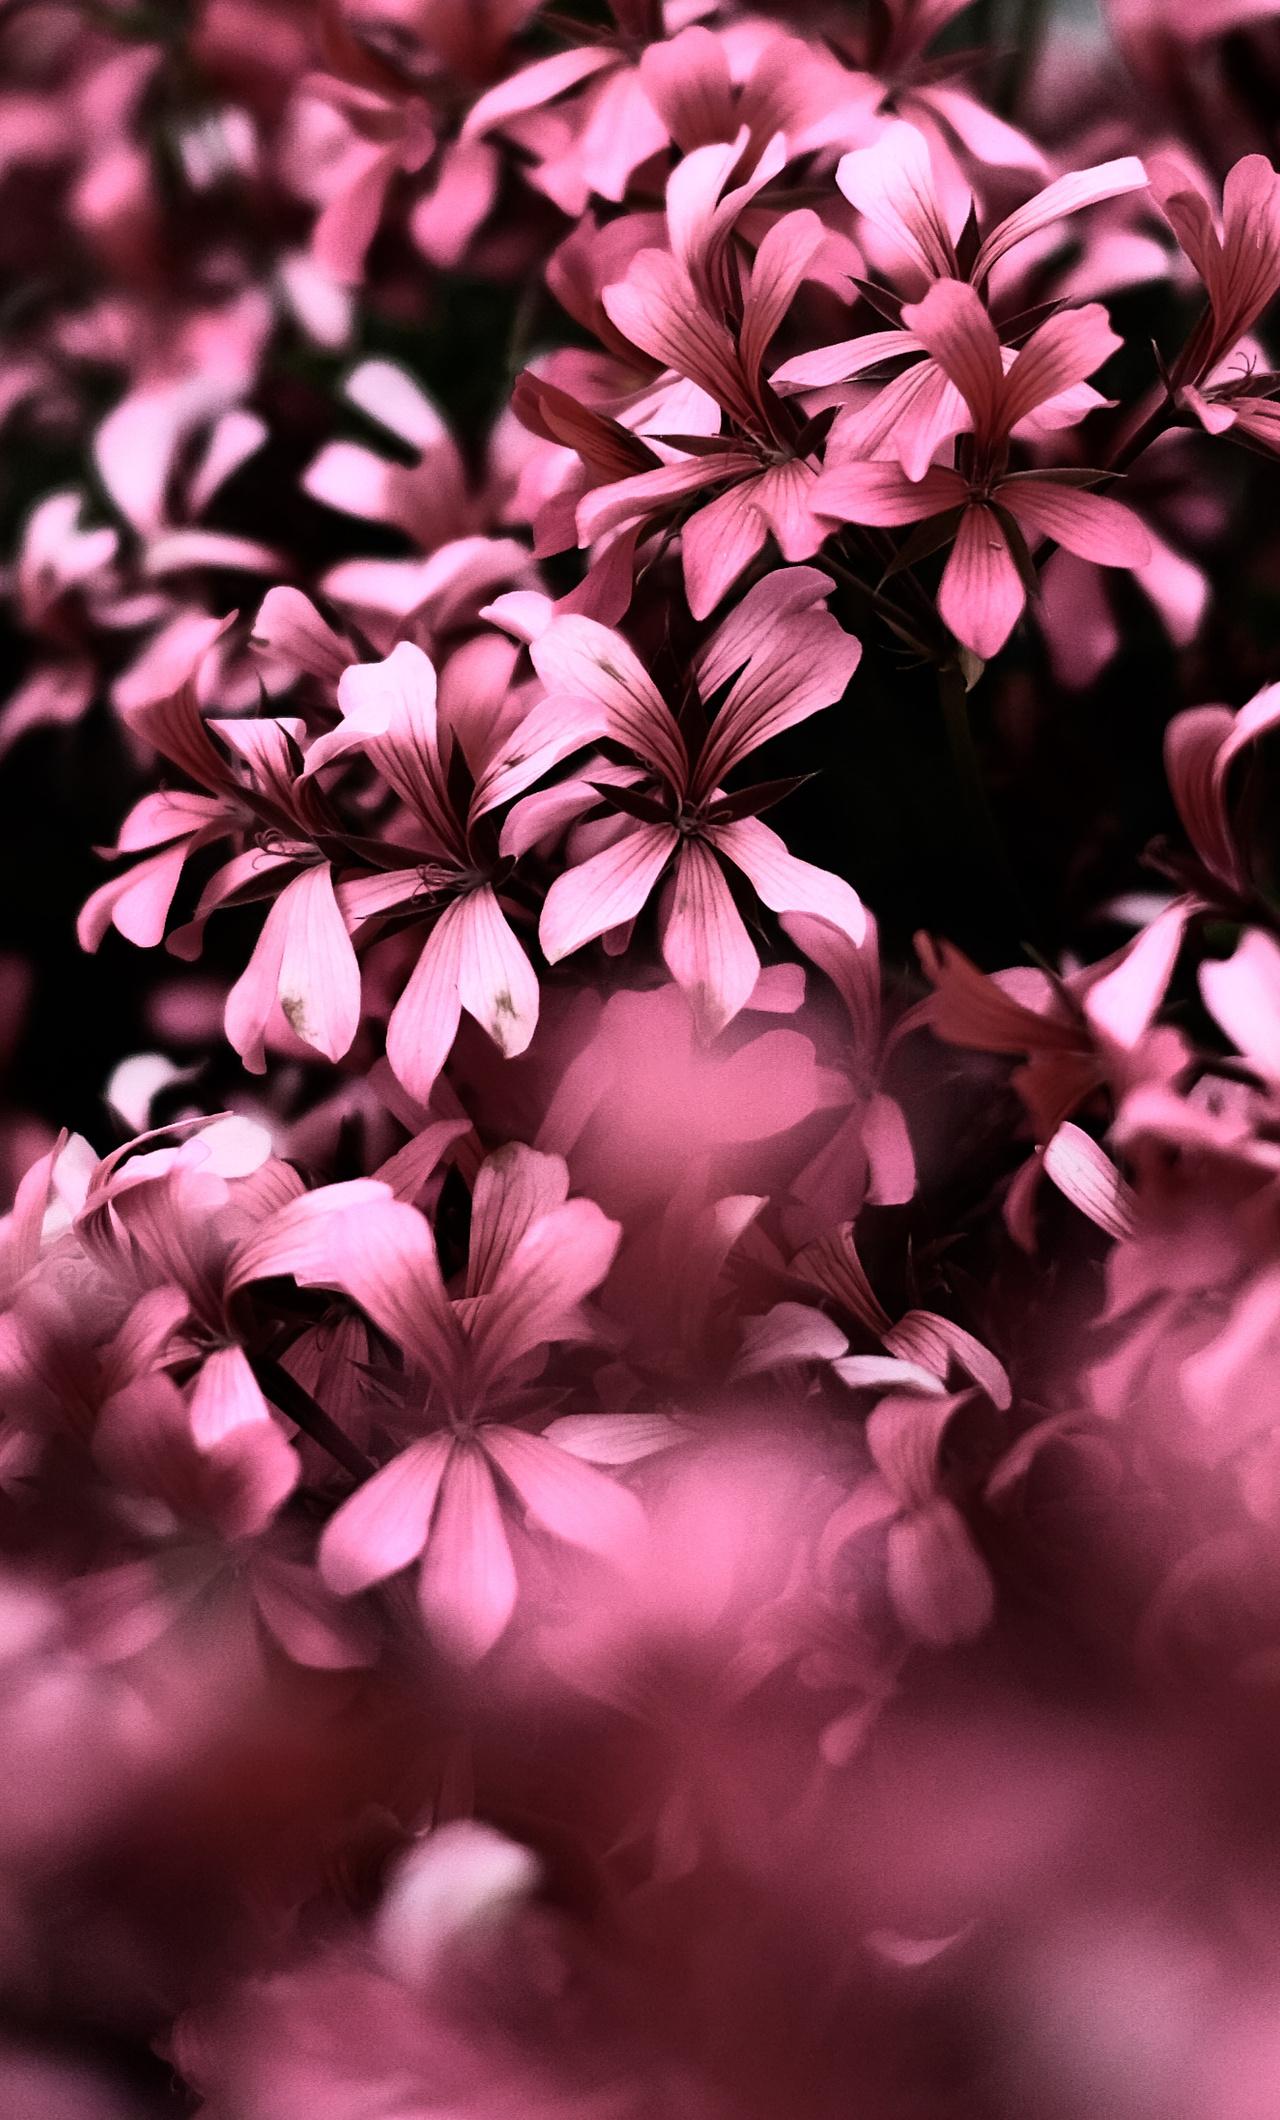 4k Ultra Hd Wallpaper Flowers